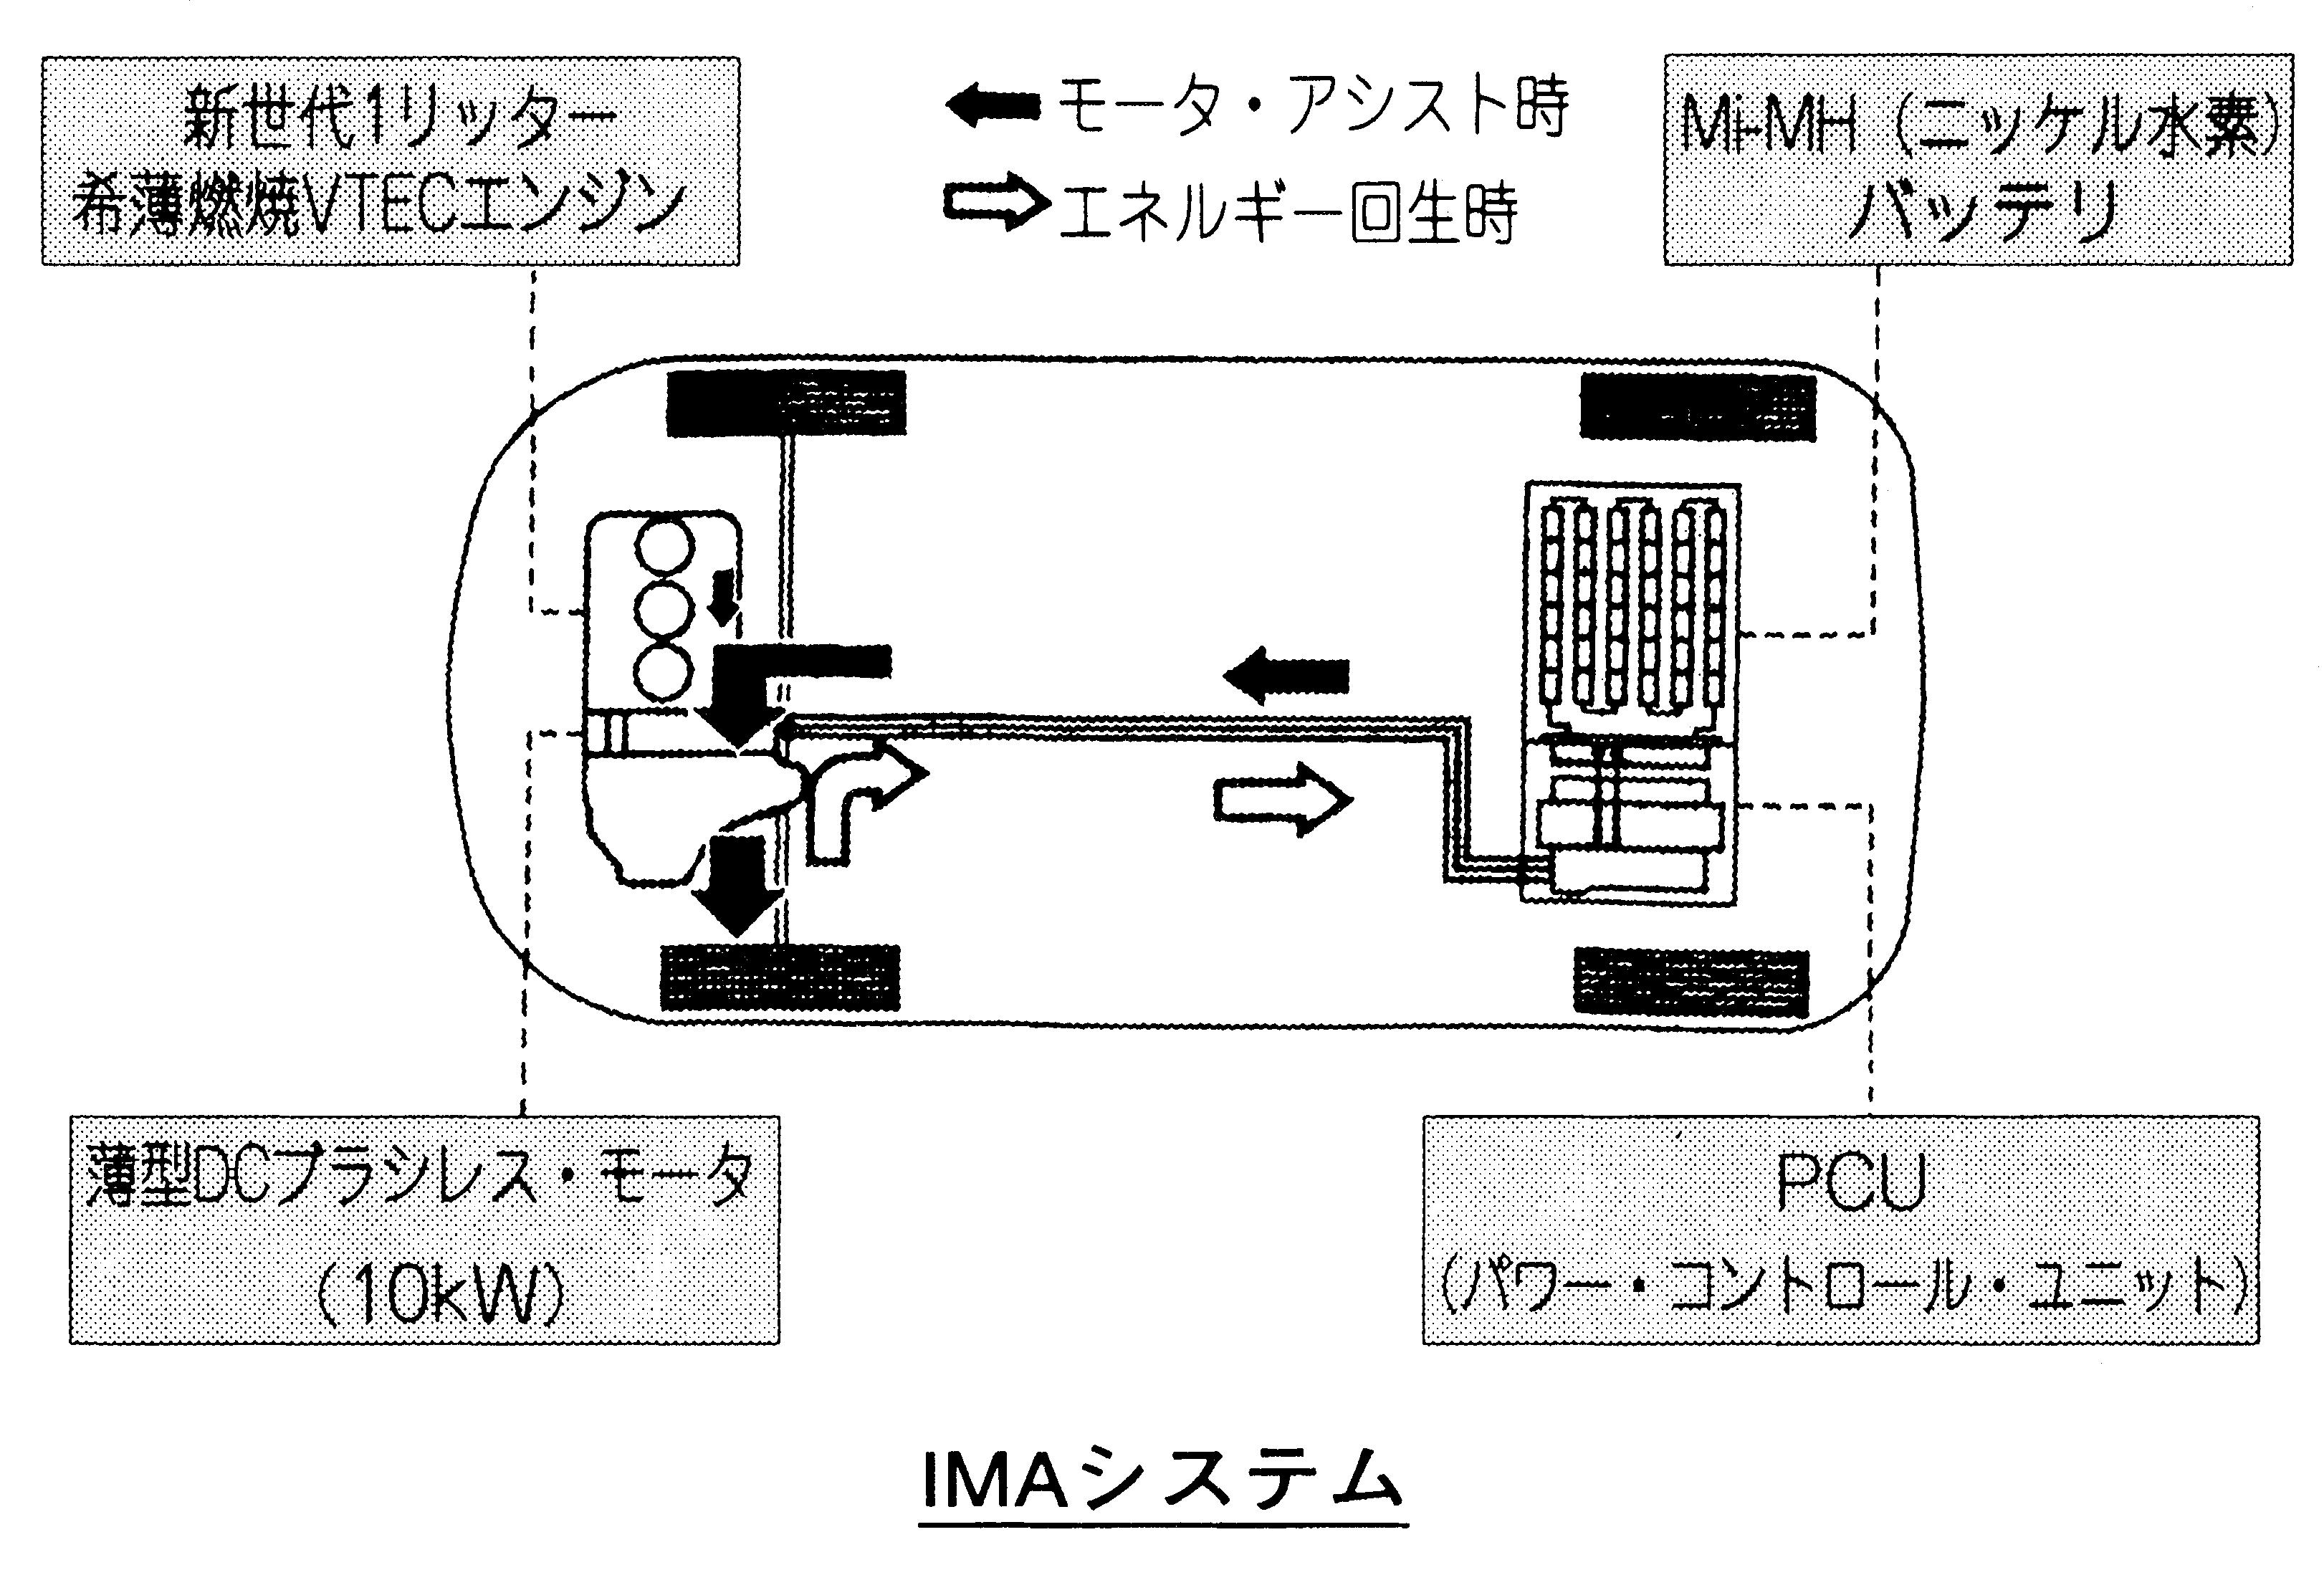 IMA system(インテグレーテッド...